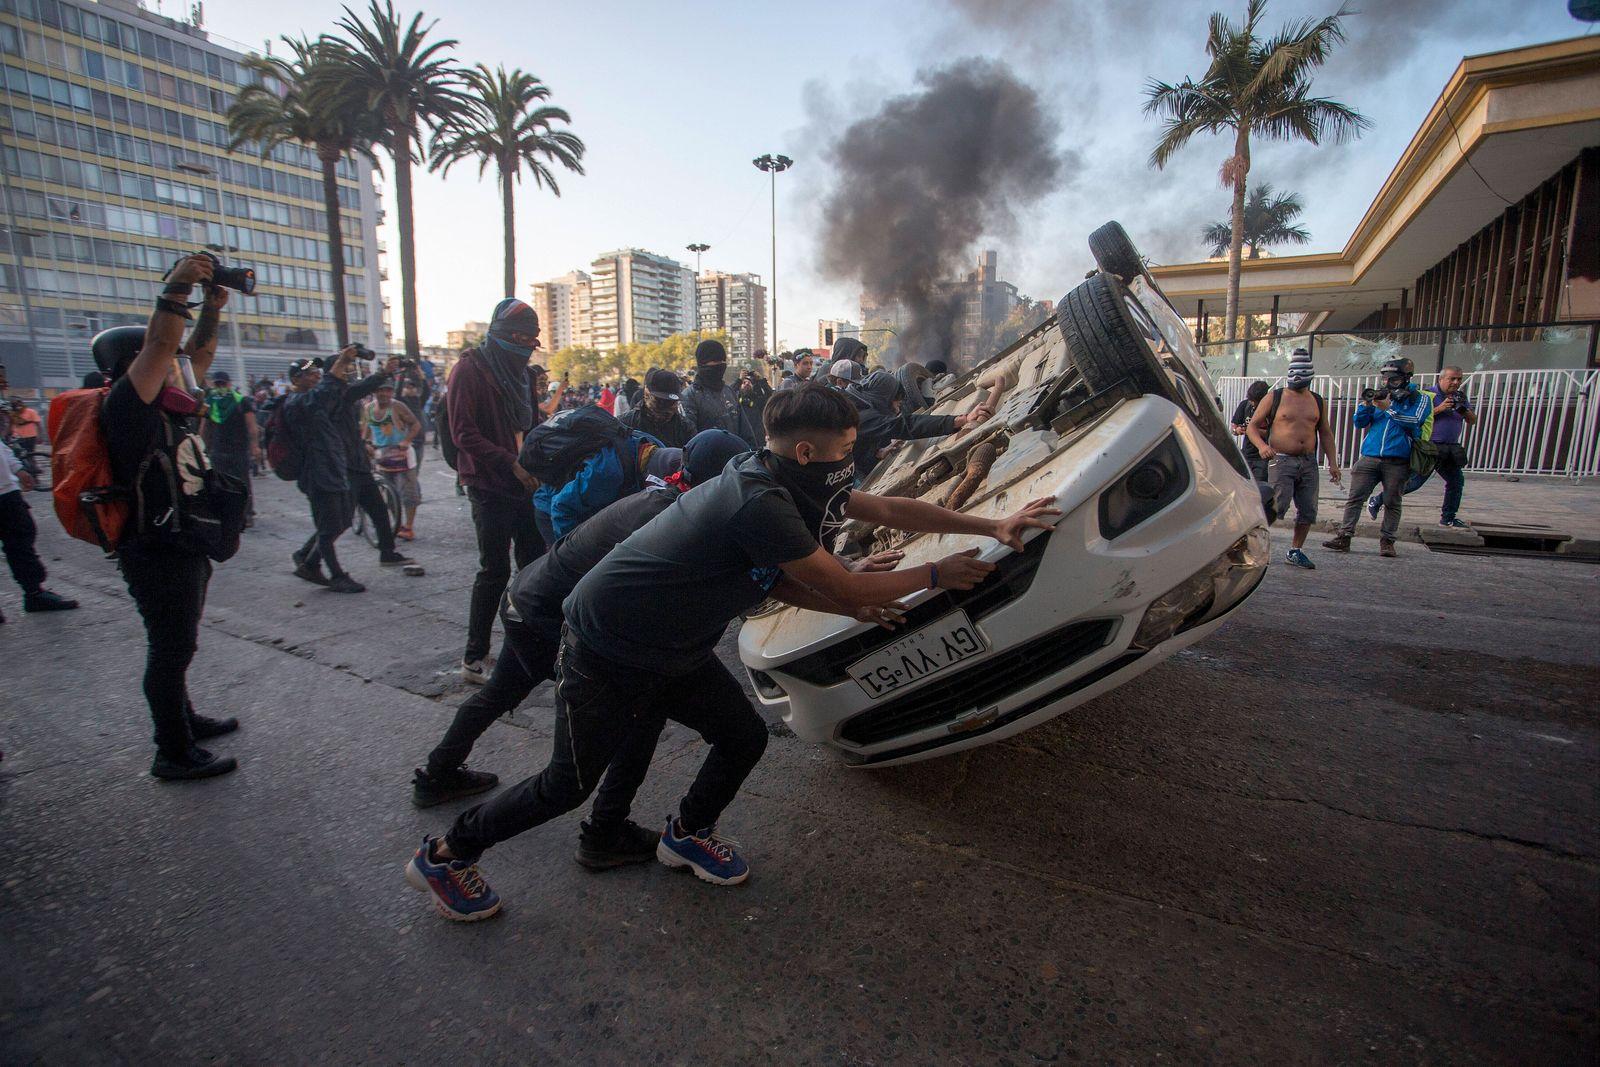 Vina del Mar, 23 de Febrero de 2020. Protestas en alrededores de la Quinta Vergara Cristian Rudolffi/Aton Chile, Vina d